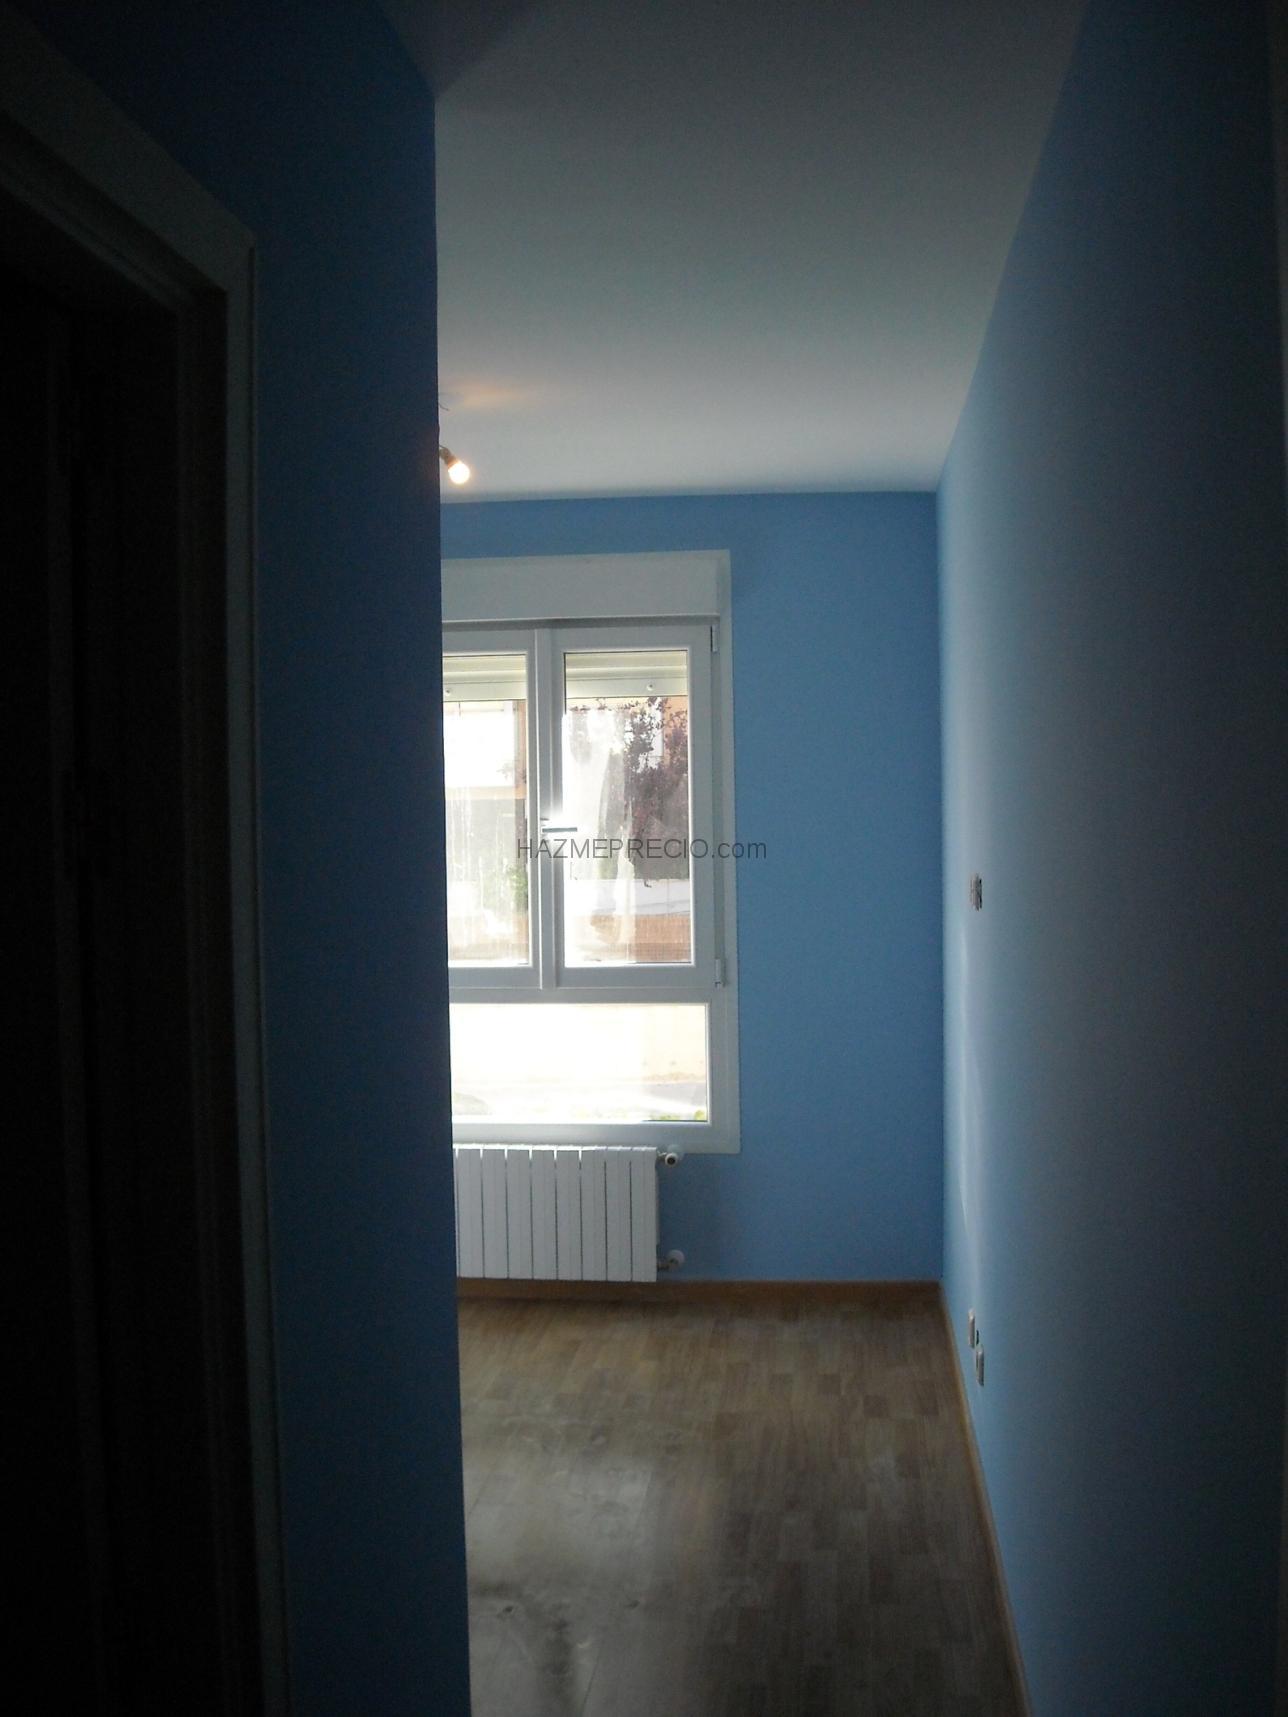 Pin presupuesto para pintura casa en madrid hazmepreciocom - Presupuesto pintar casa ...